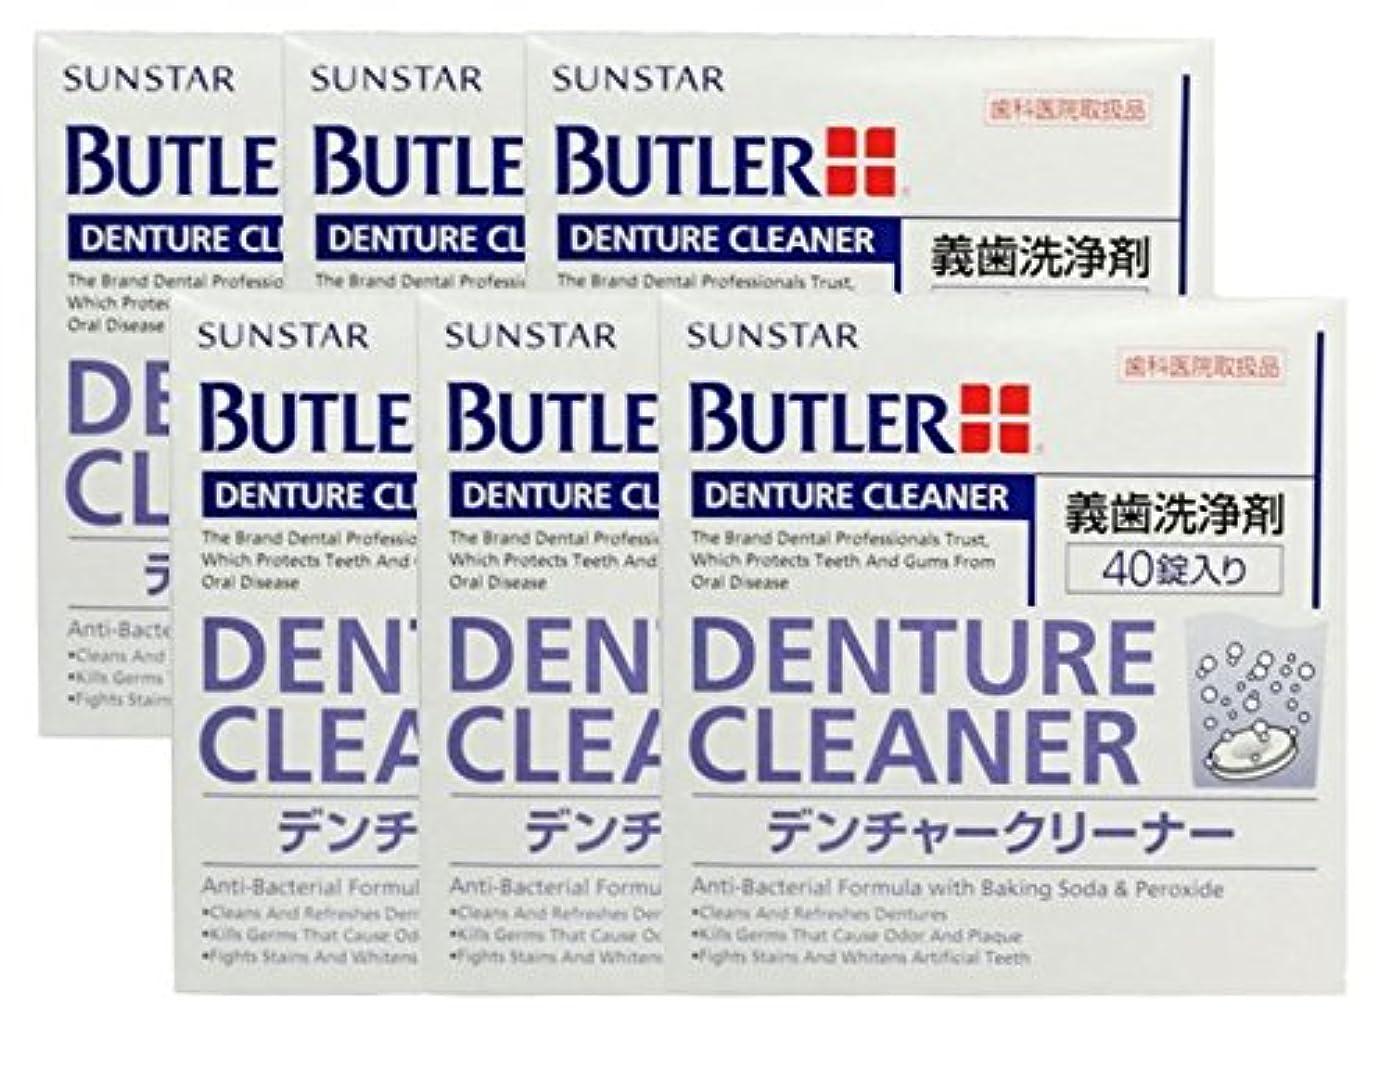 歌手組み合わせ植木サンスター/バトラー歯科用バトラー デンチャークリーナー #250P 6箱 義歯洗浄剤 6個入/箱